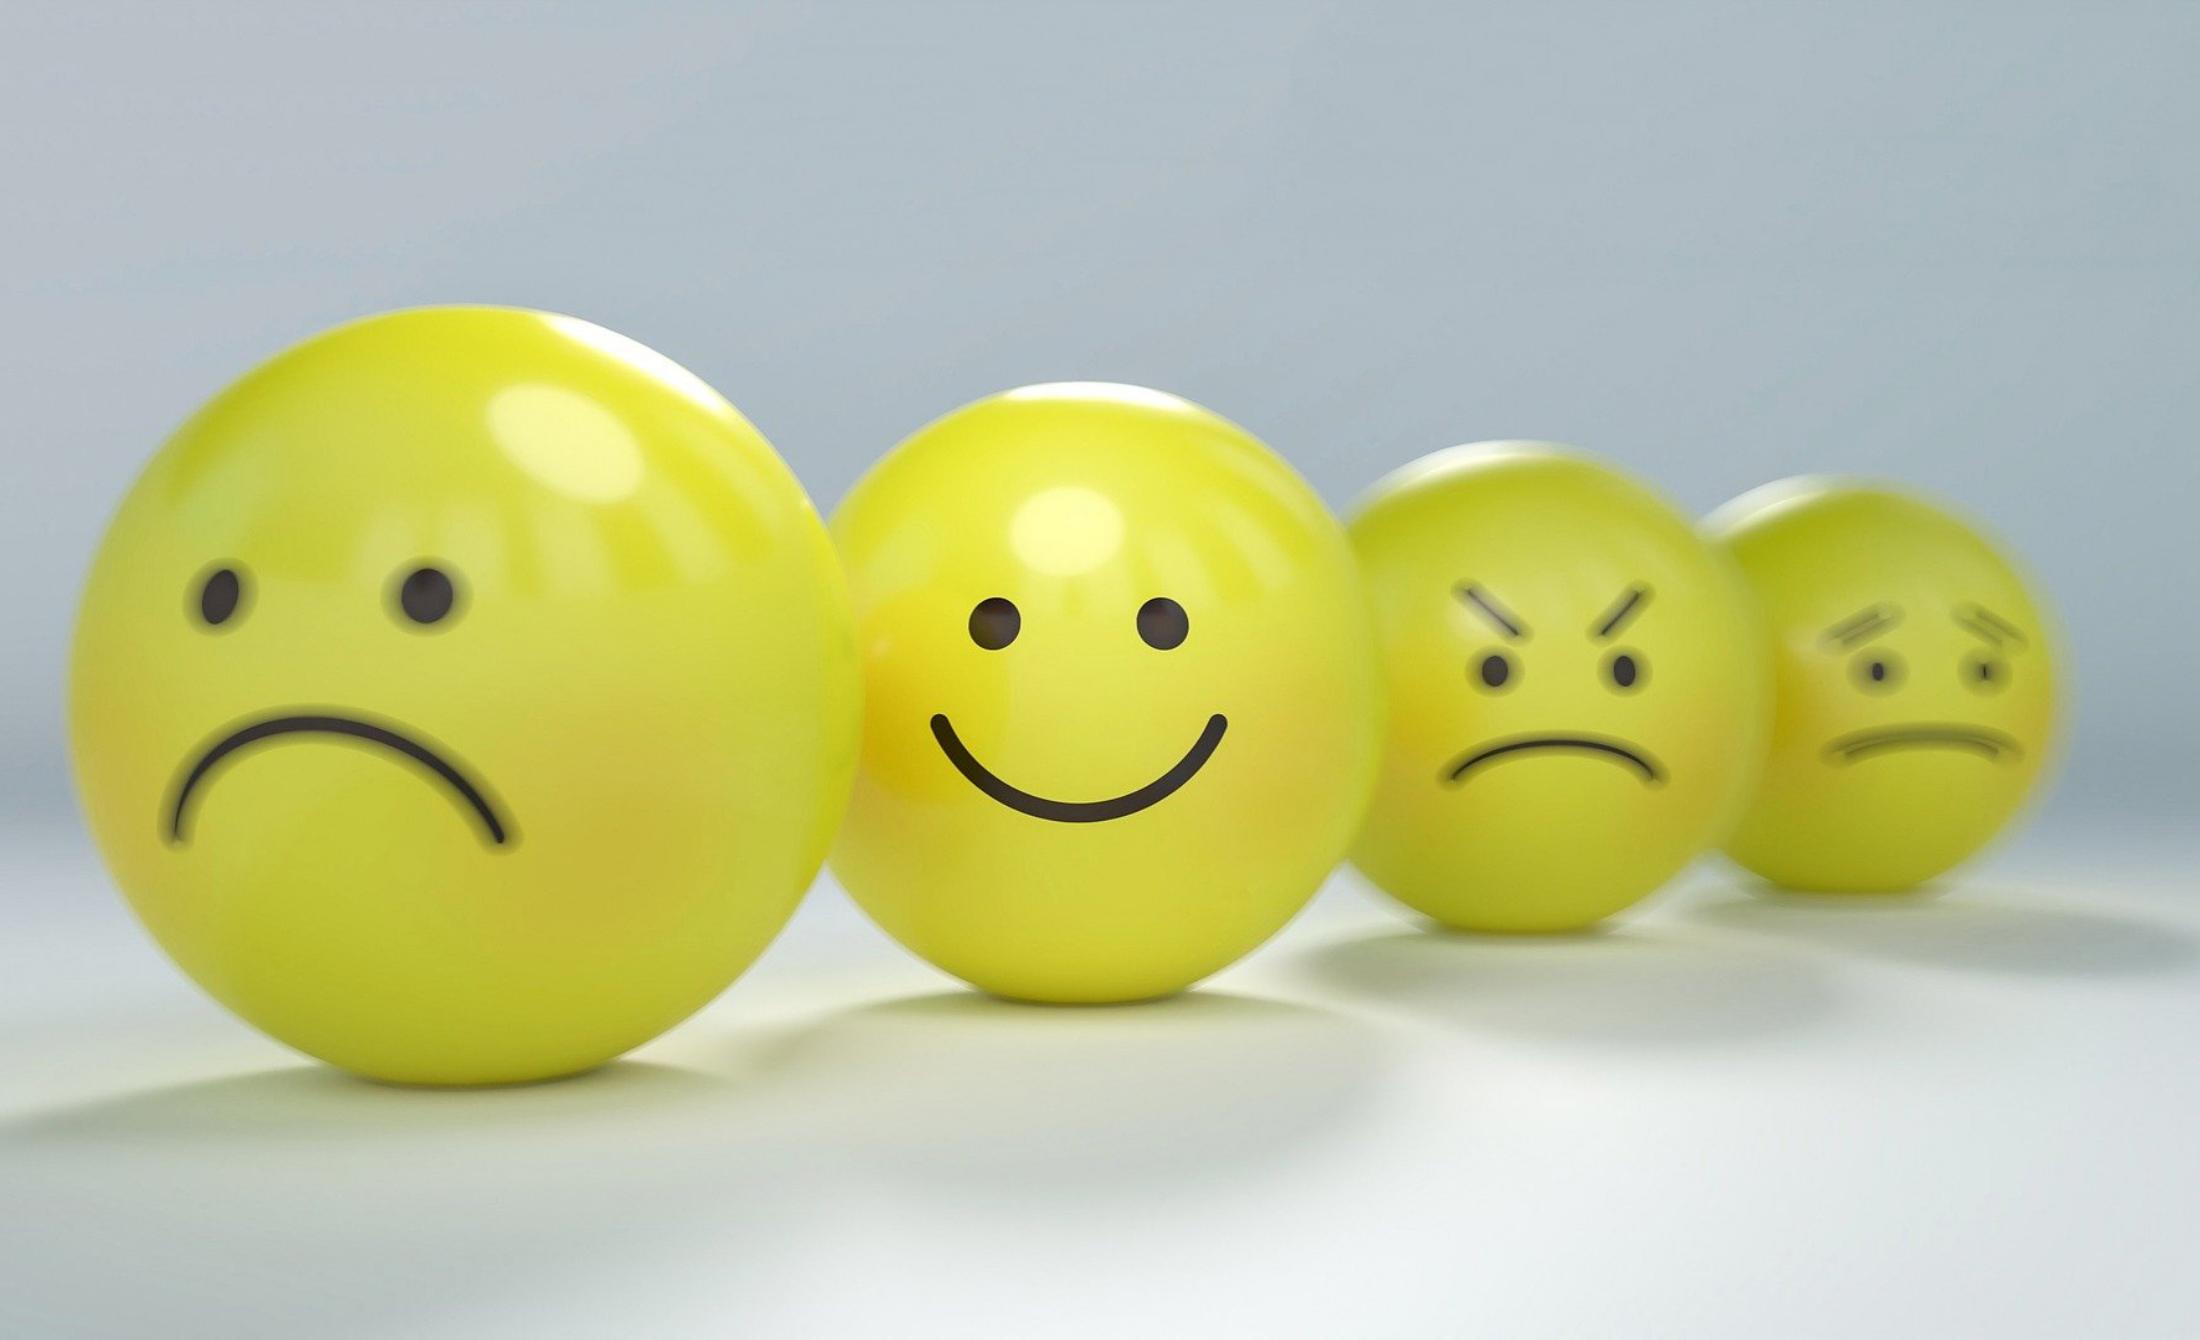 5 WAYS TO DEVELOP CHILDREN'S EMOTIONAL LANGUAGE